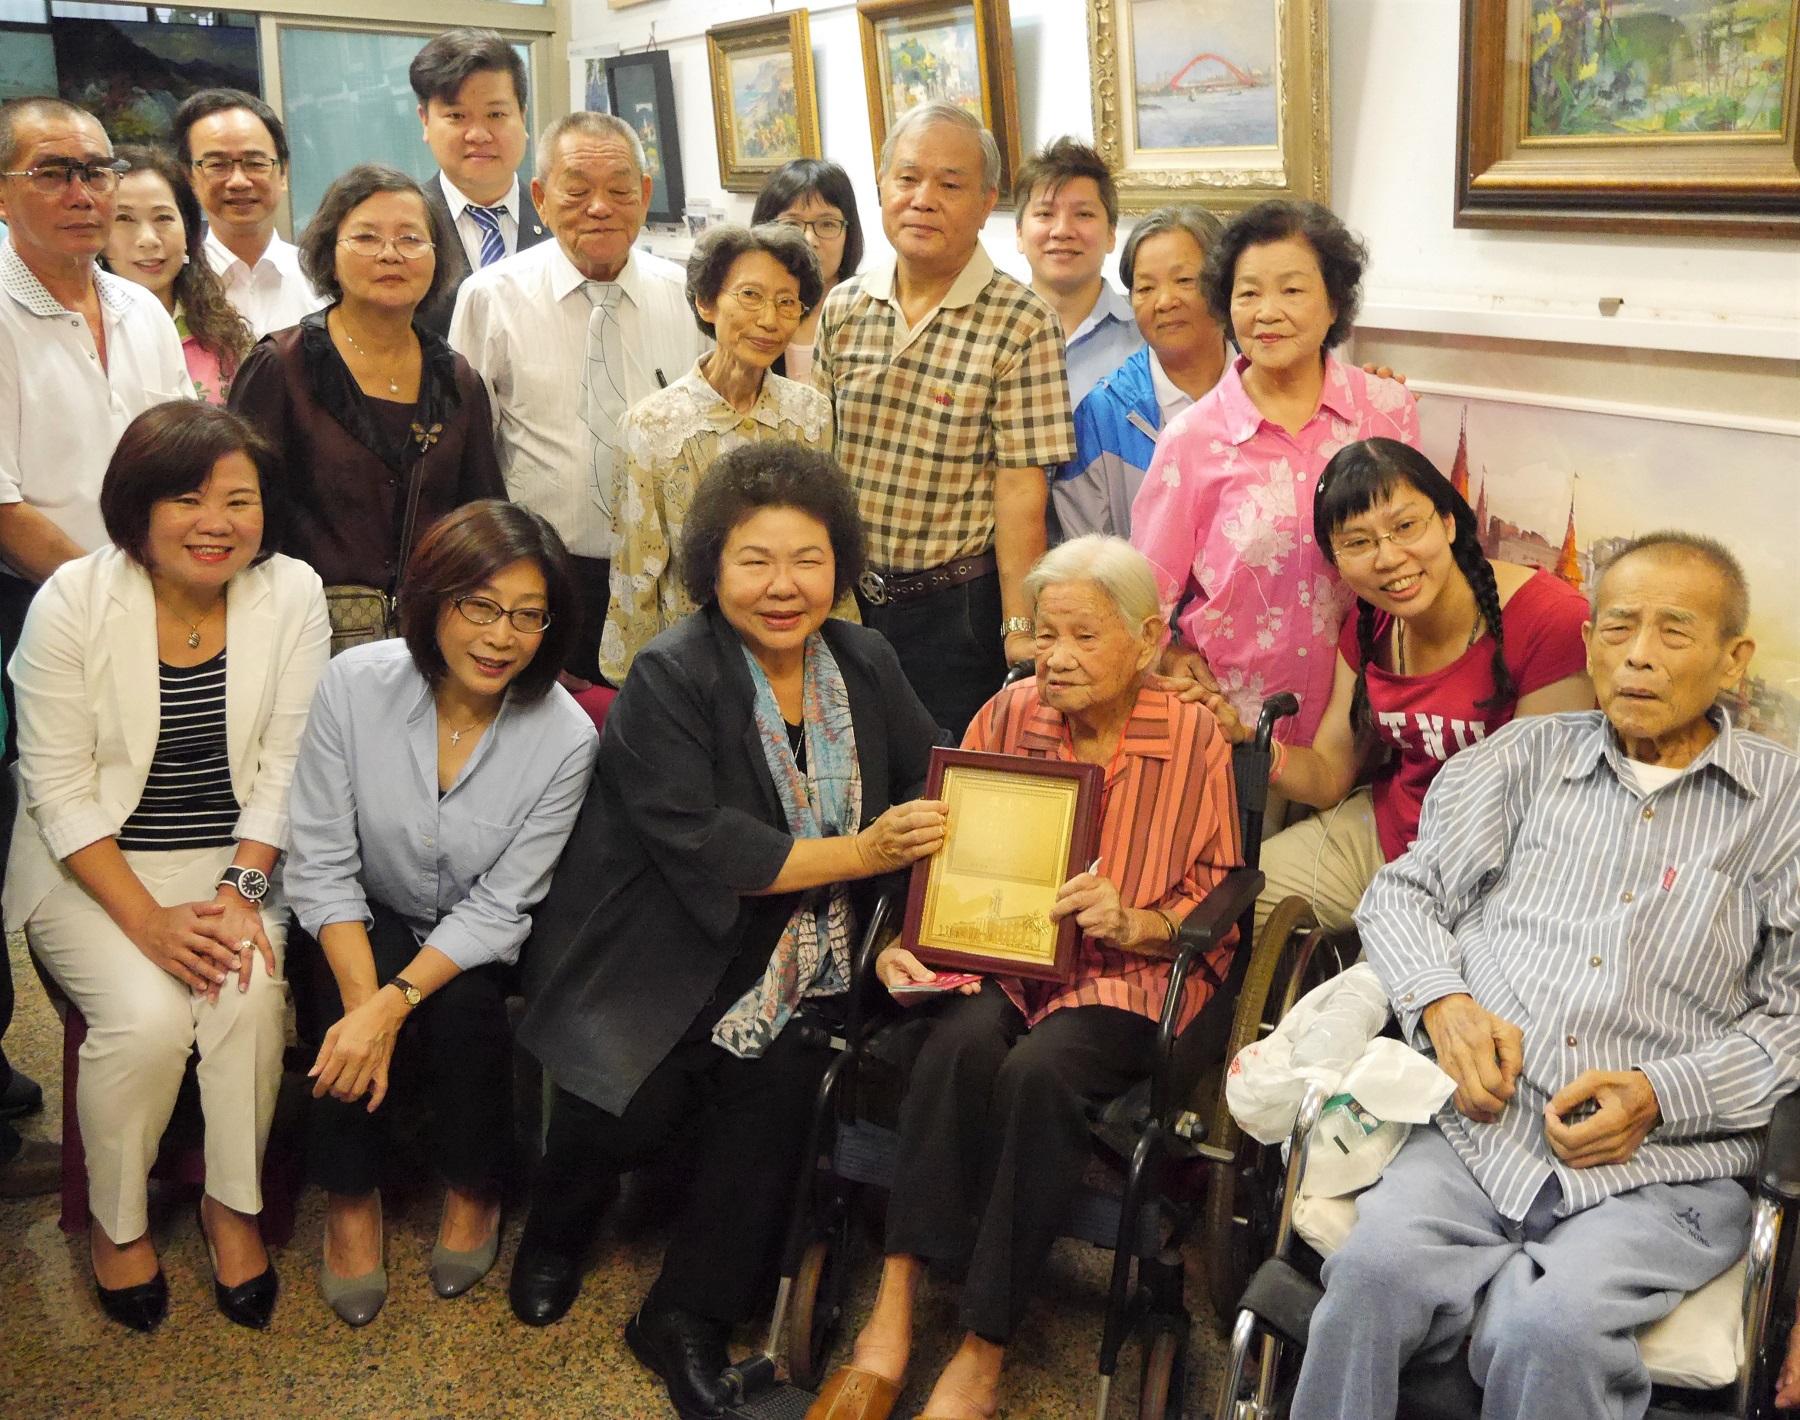 重陽敬老 陳菊慰訪人瑞奶奶 | 重陽節 | 敬老禮金 | 百歲人瑞 | 大紀元